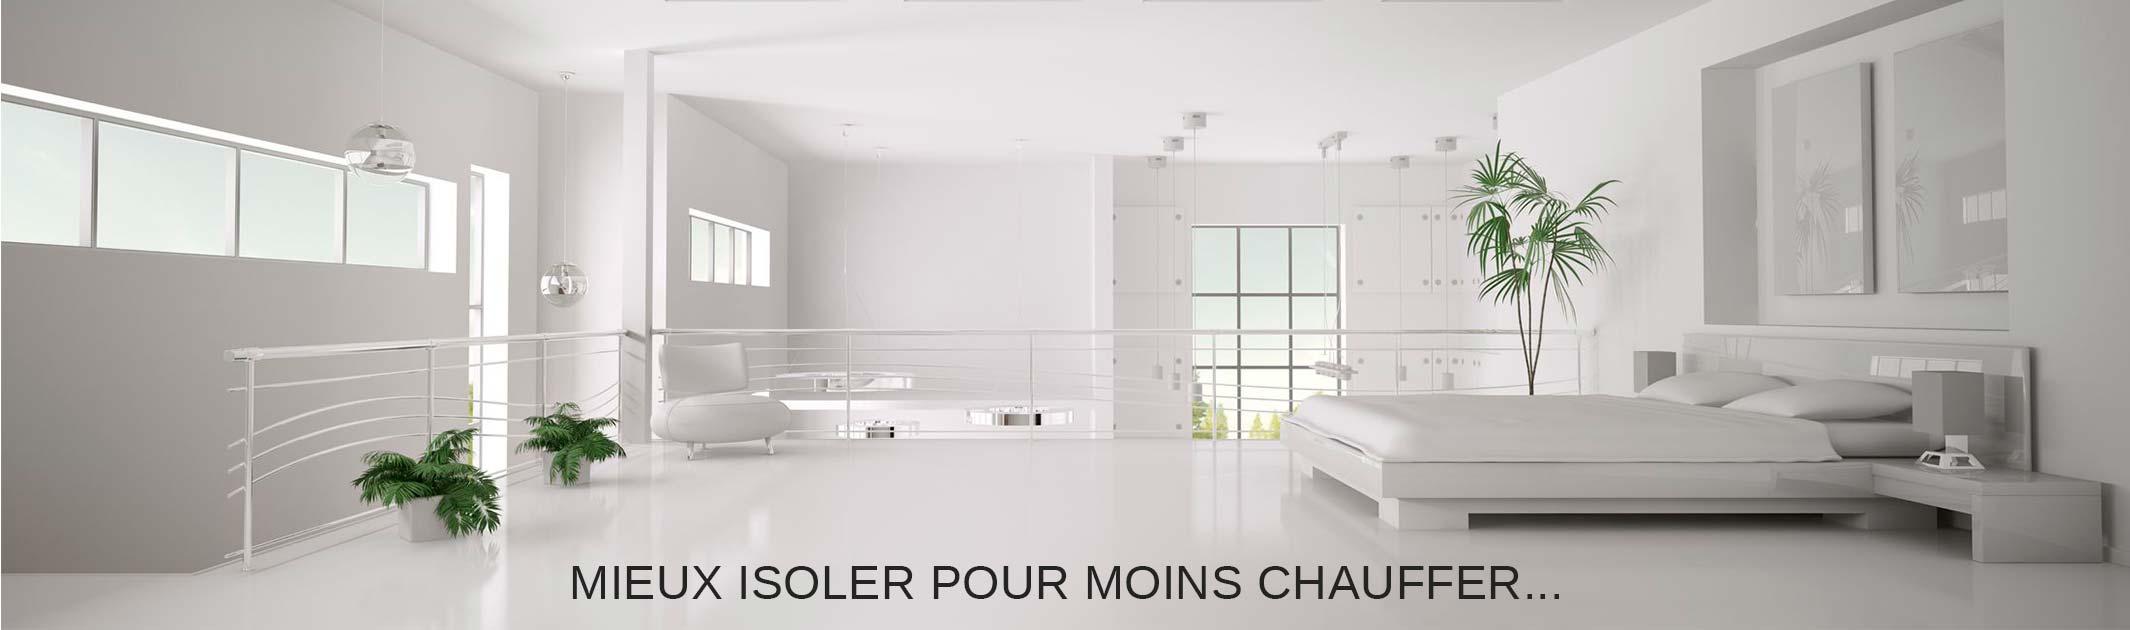 travaux d 39 isolation et de pl trerie sur grenoble et l 39 is re 38. Black Bedroom Furniture Sets. Home Design Ideas